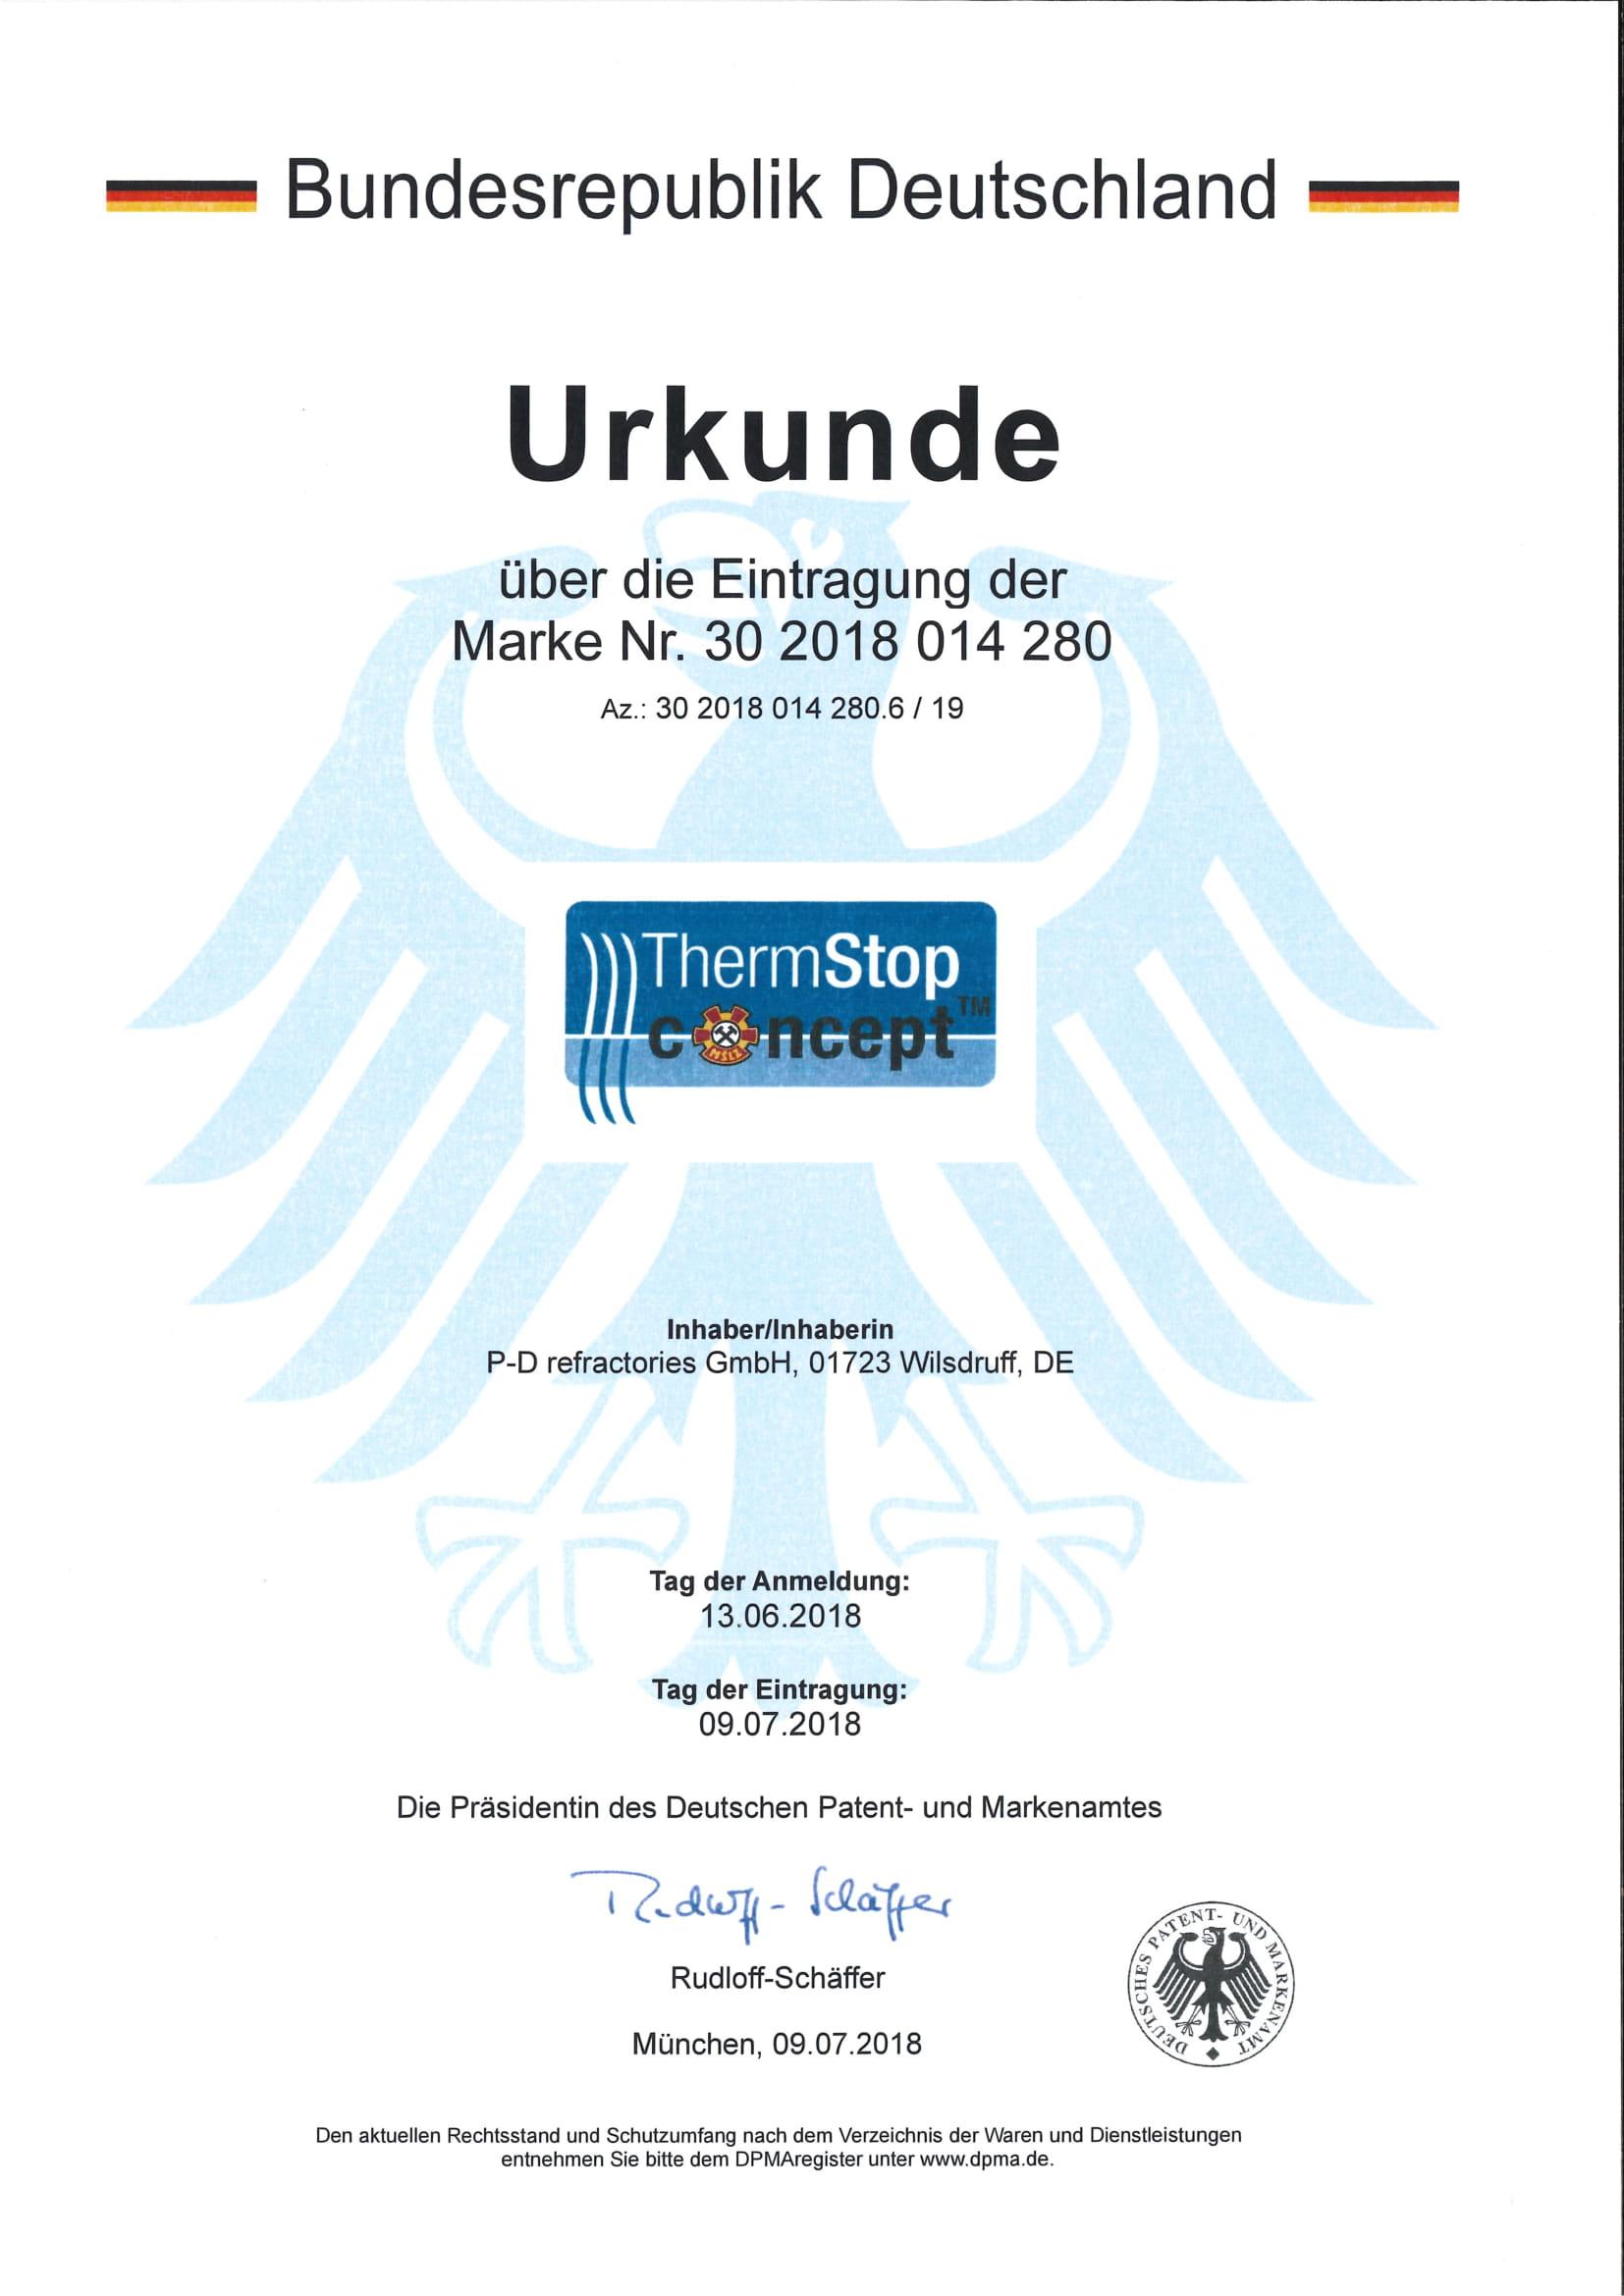 P-D Refractories GmbH - Urkunde Markeneintragung ThermStop™